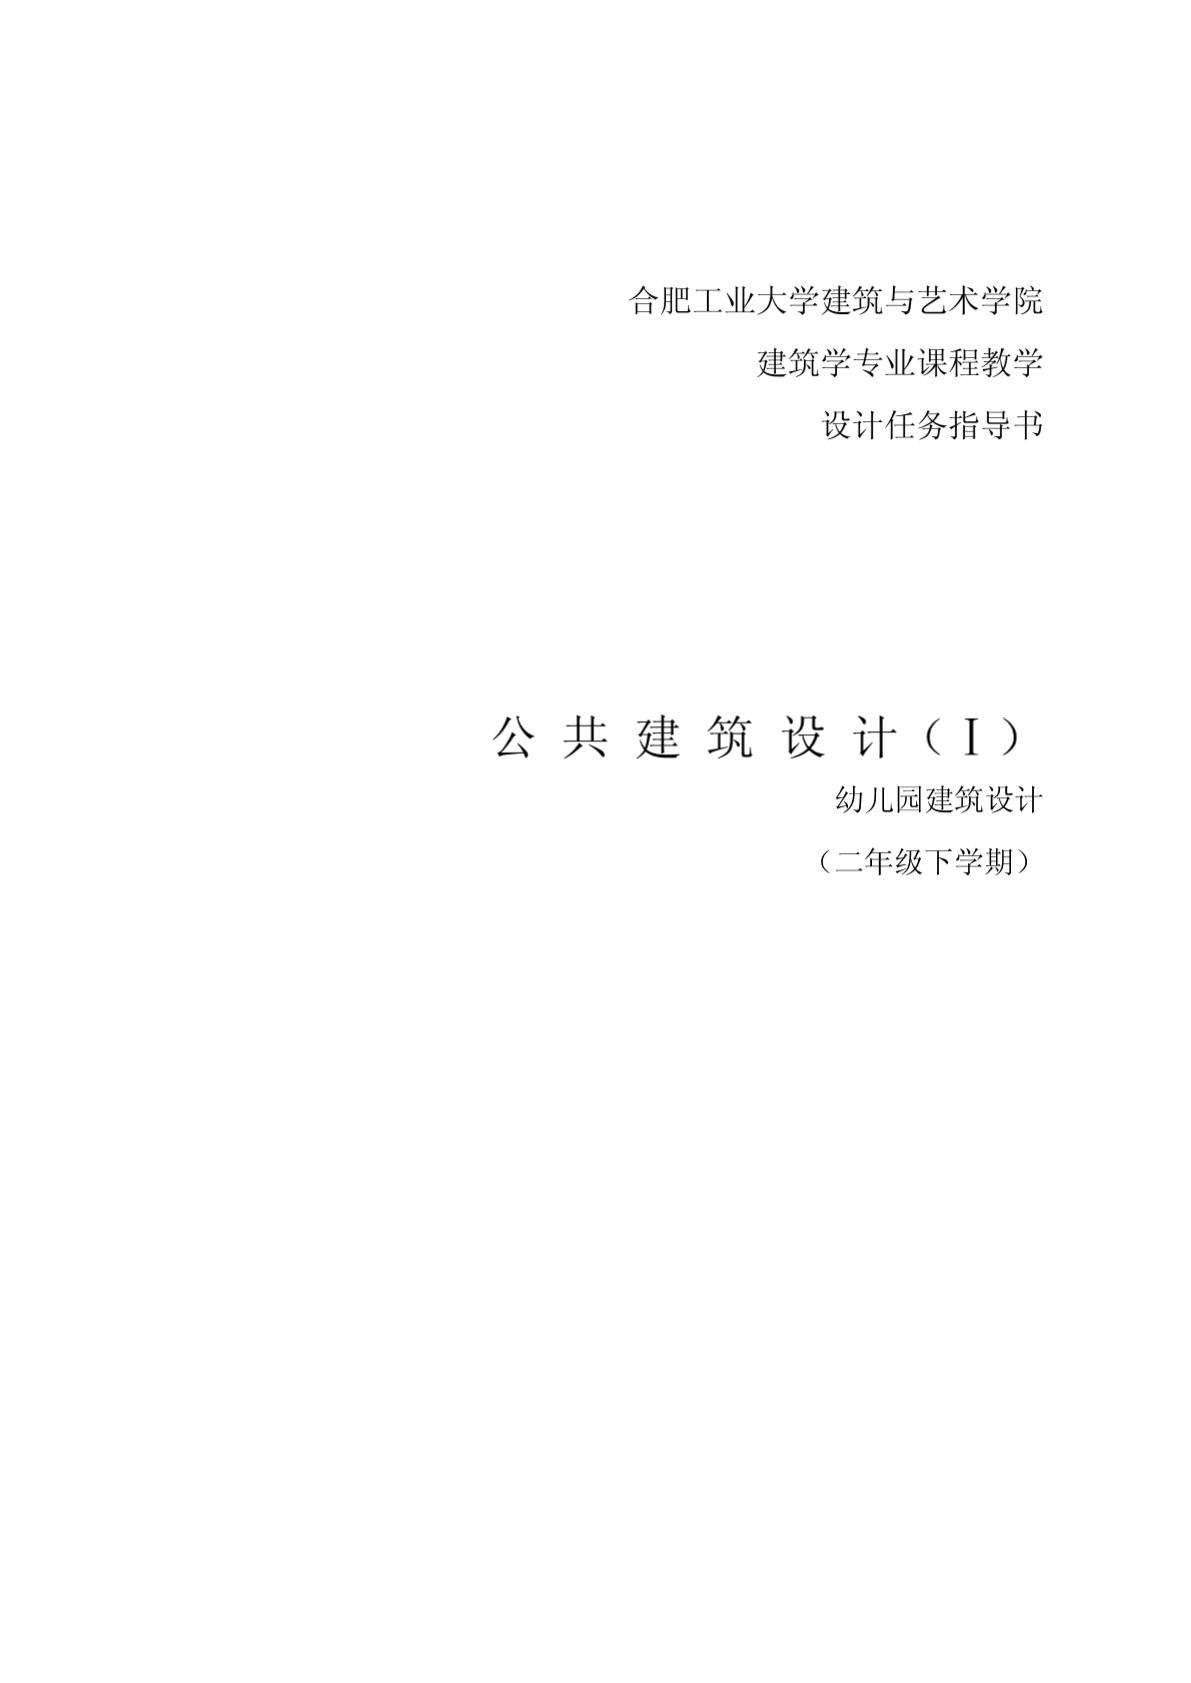 土木建筑幼儿园建筑设计任务书-图二